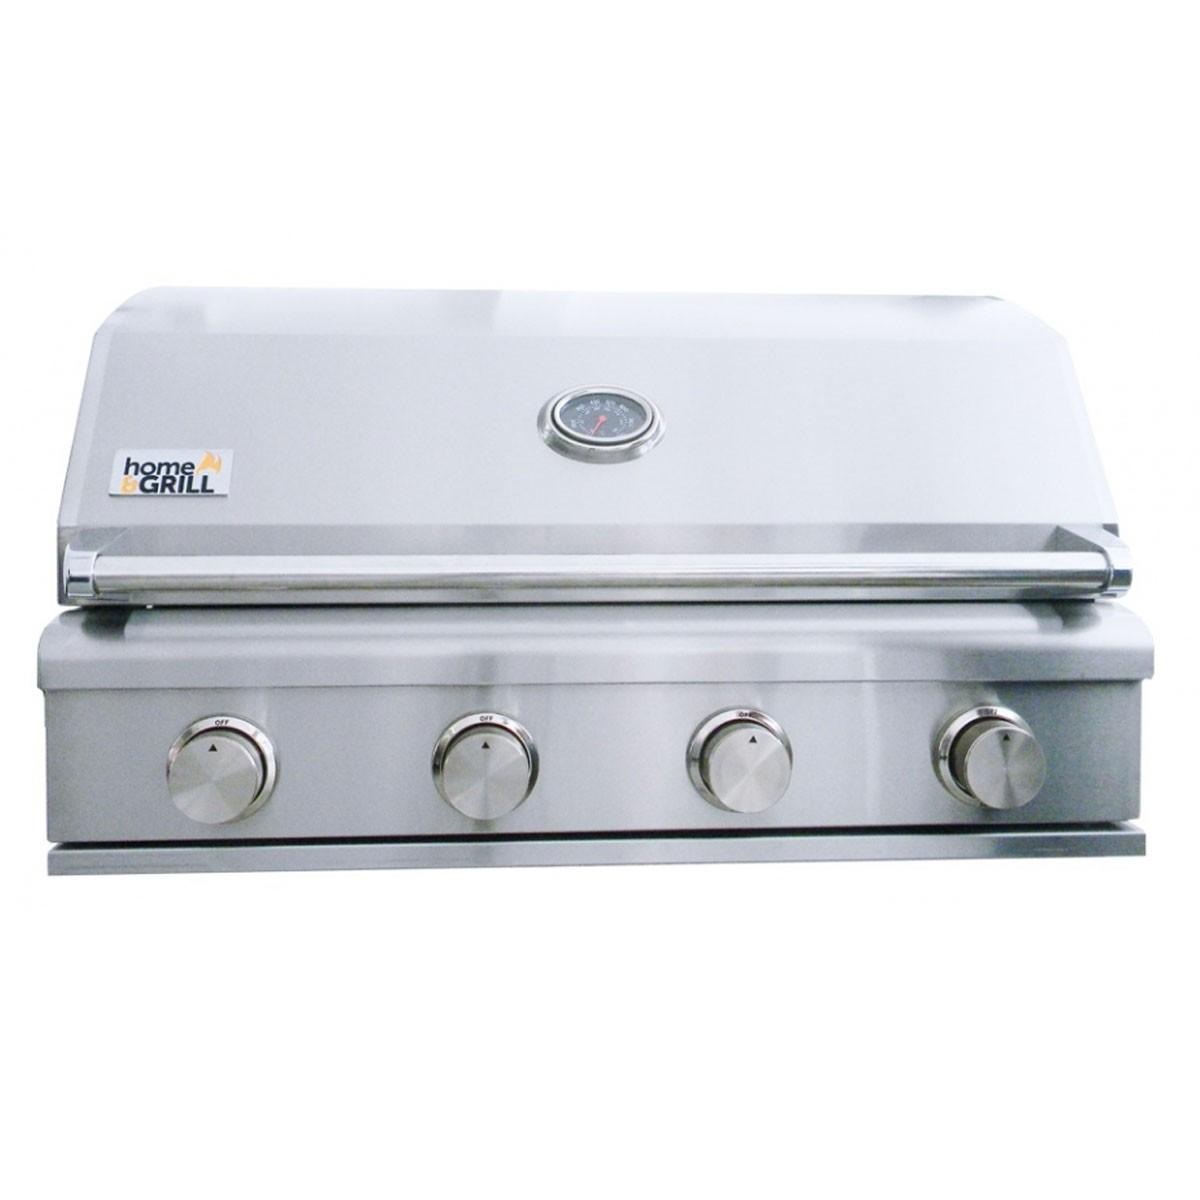 Churrasqueira a Gás Home e Grill Smart HG-4BS - 4 Queimadores - 100% Inox 304